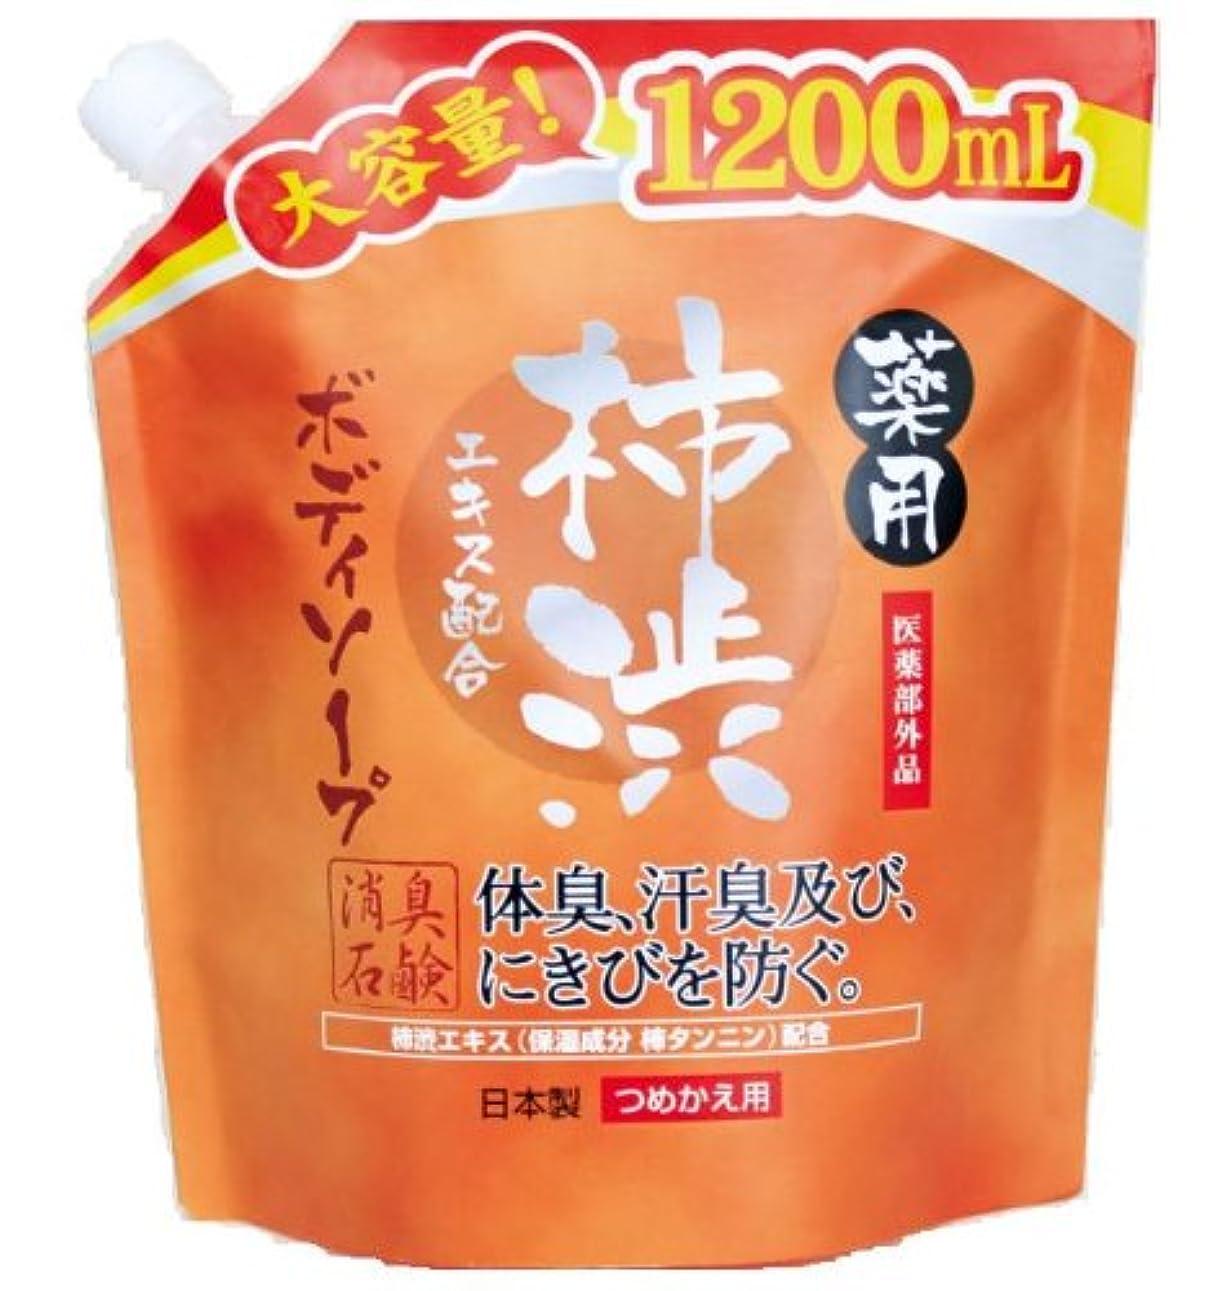 有利行動受益者薬用柿渋 ボディソープ 大容量 (つめかえ用) 1200mL 【医薬部外品】